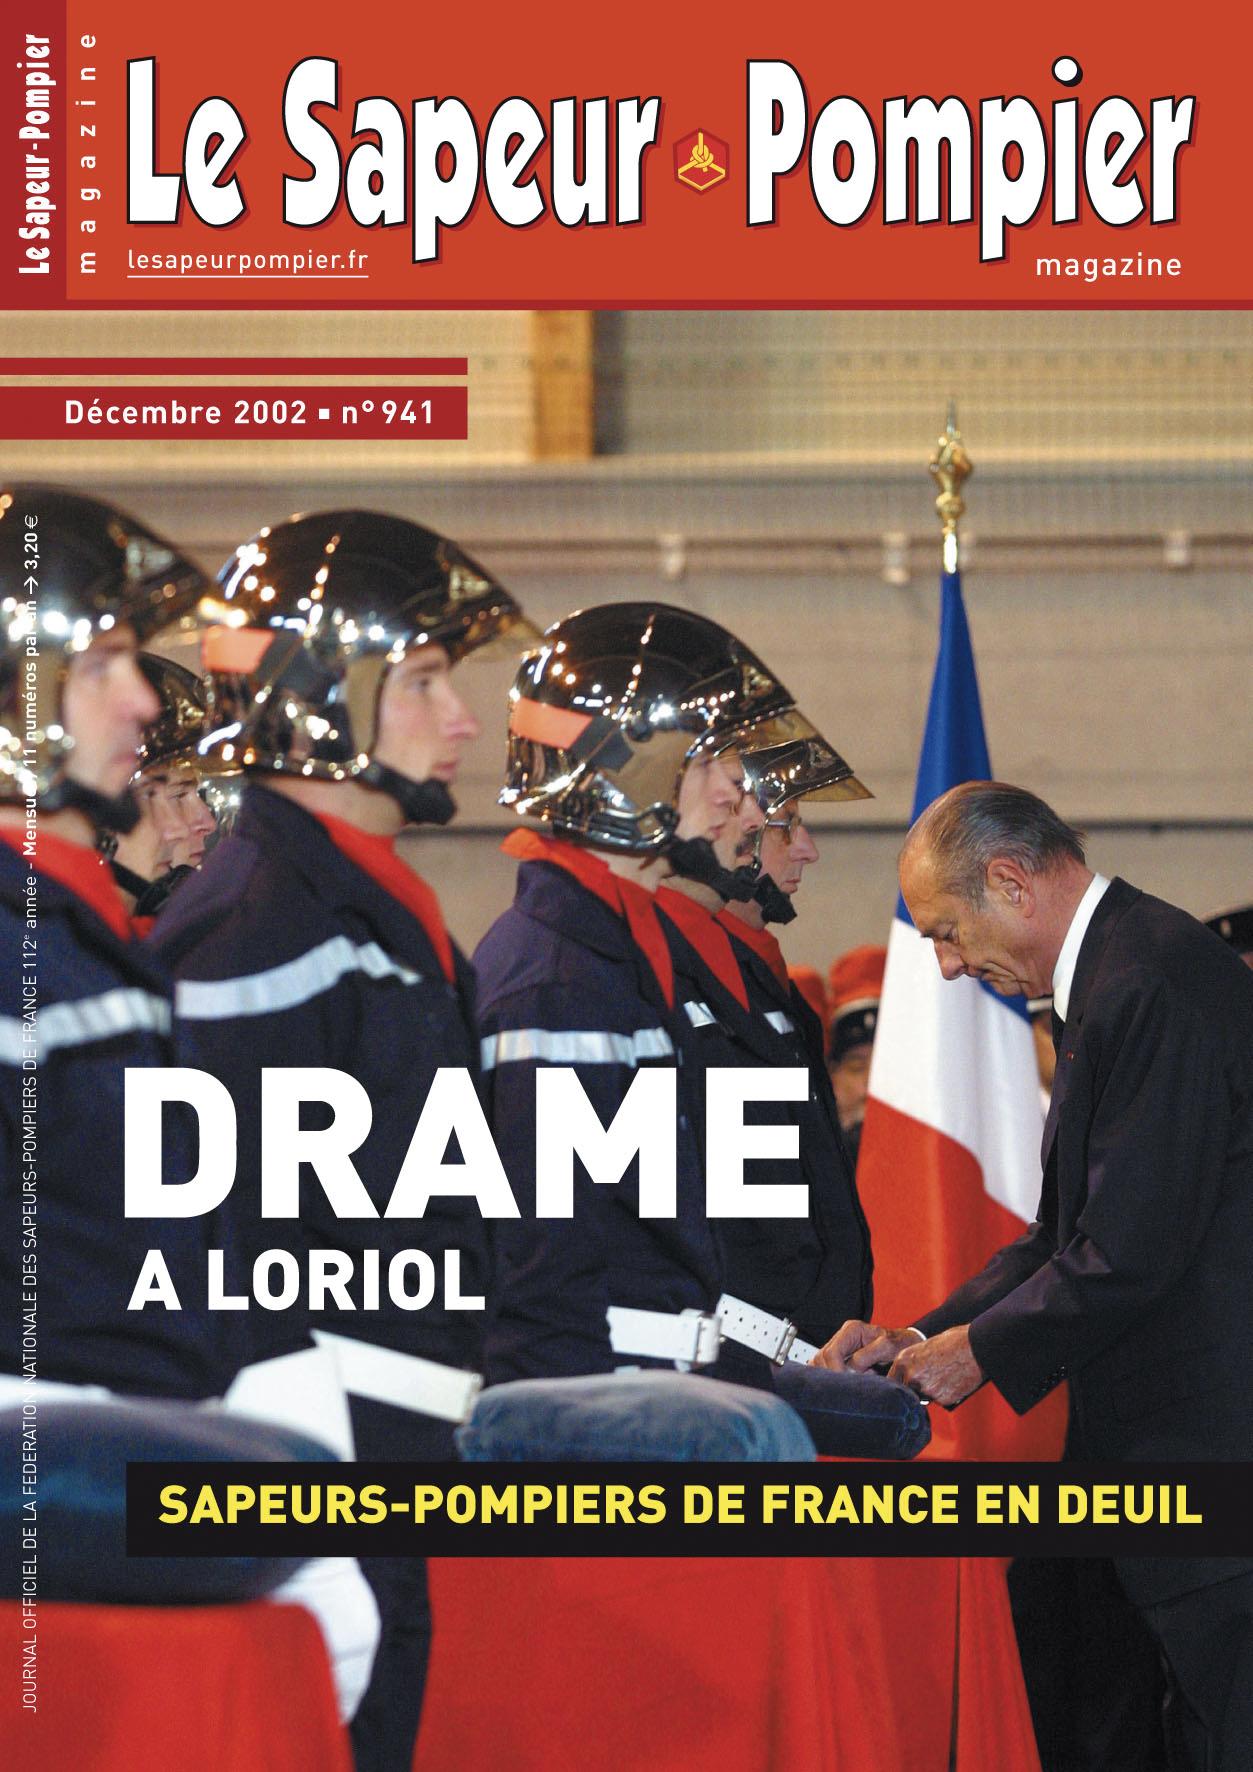 Drame à Loriol : les sapeurs-pompiers de France en deuil